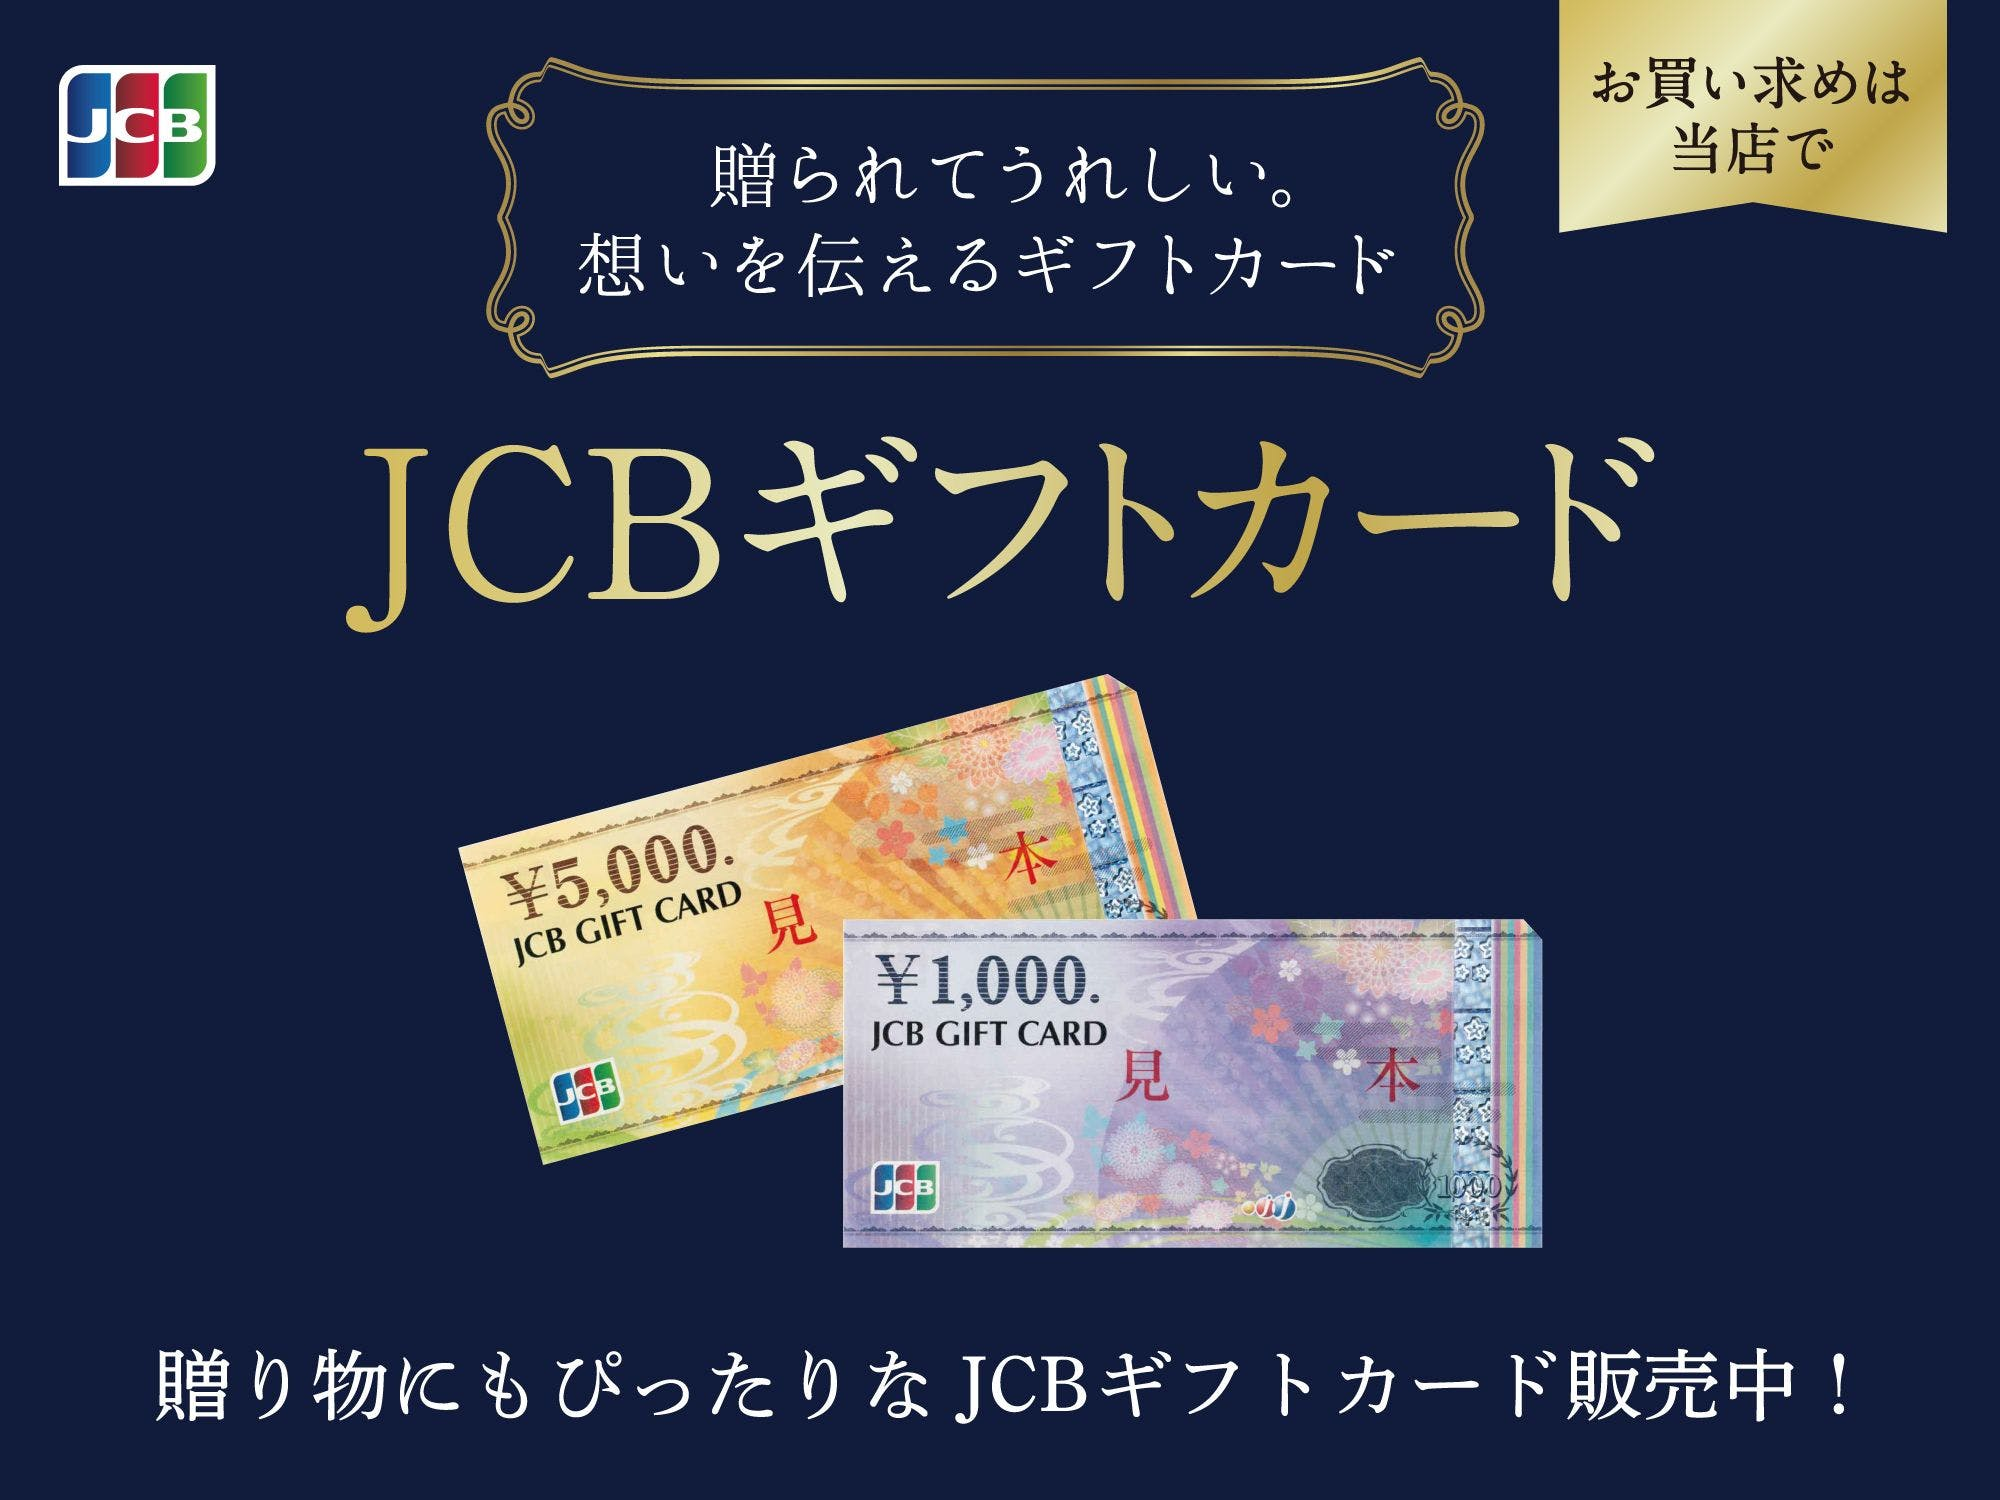 贈り物にもぴったりなJCBギフトカード販売中!